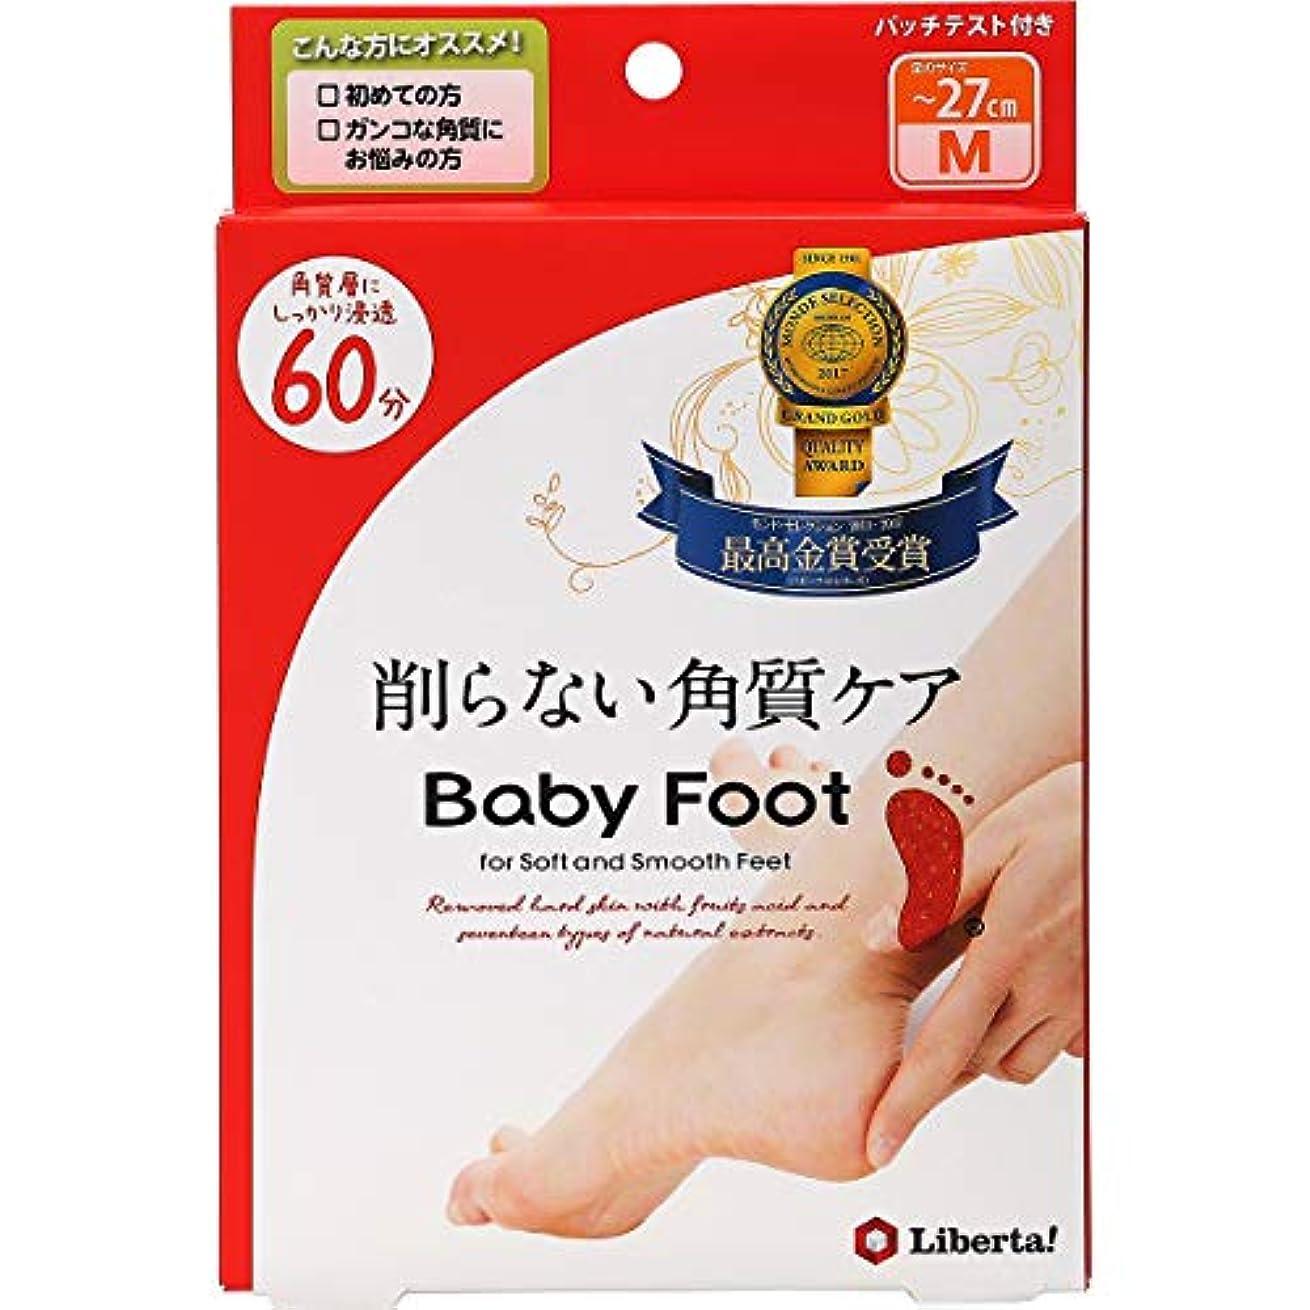 スクラッチ空中威信ベビーフット (Baby Foot) ベビーフット イージーパック SPT60分タイプ Mサイズ 単品